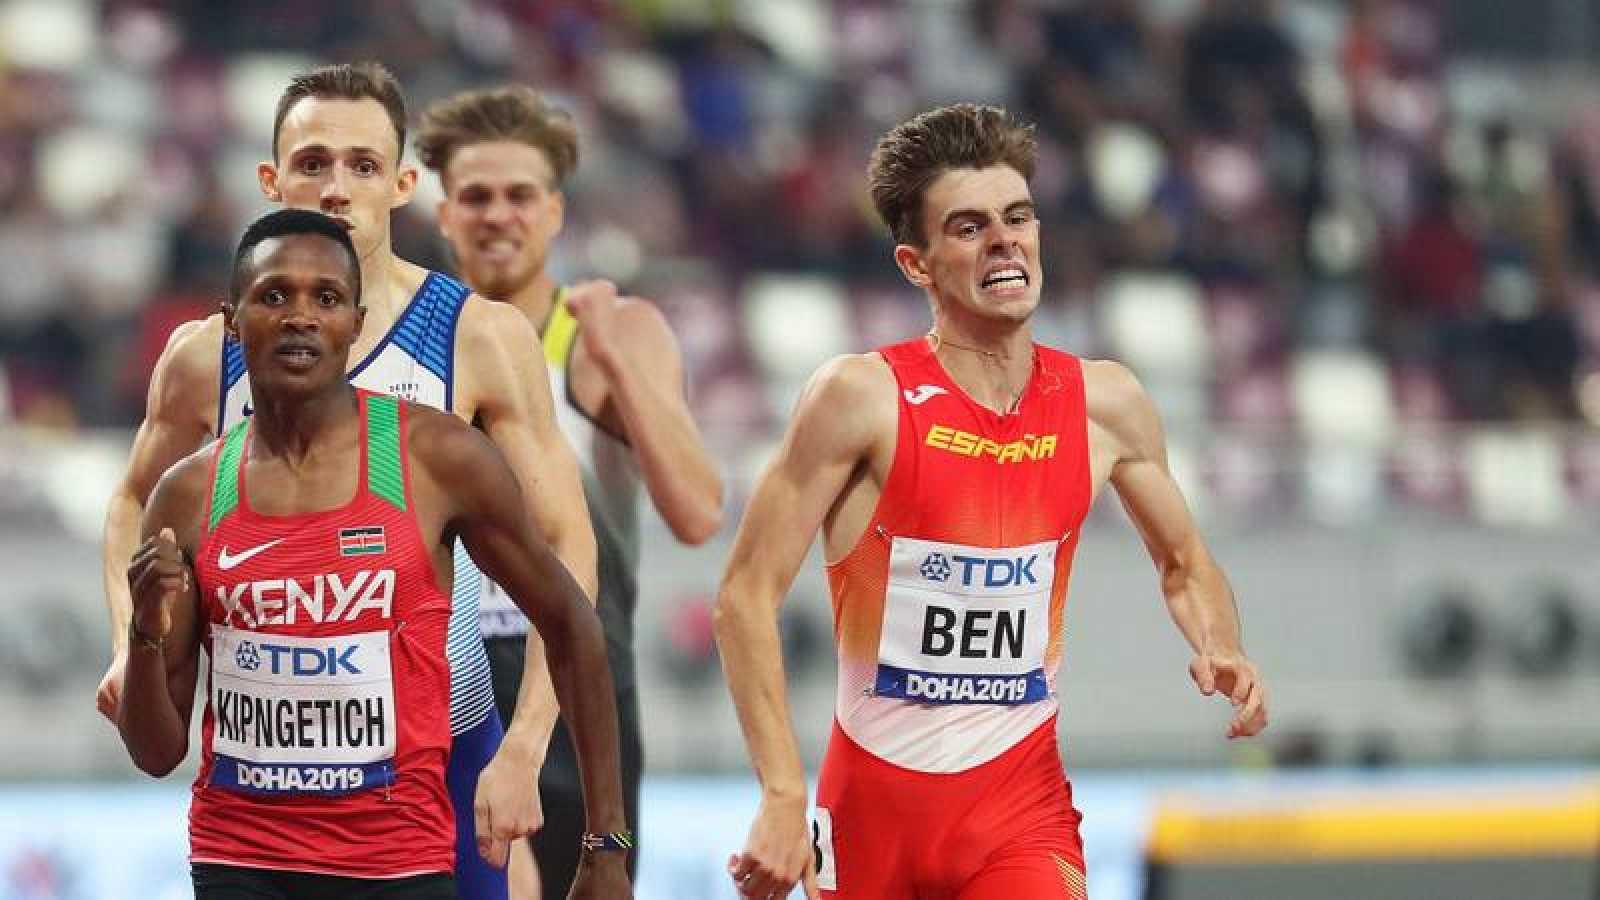 Adrián Ben y Álvaro de Arriba, clasificados para las semifinales de 800m